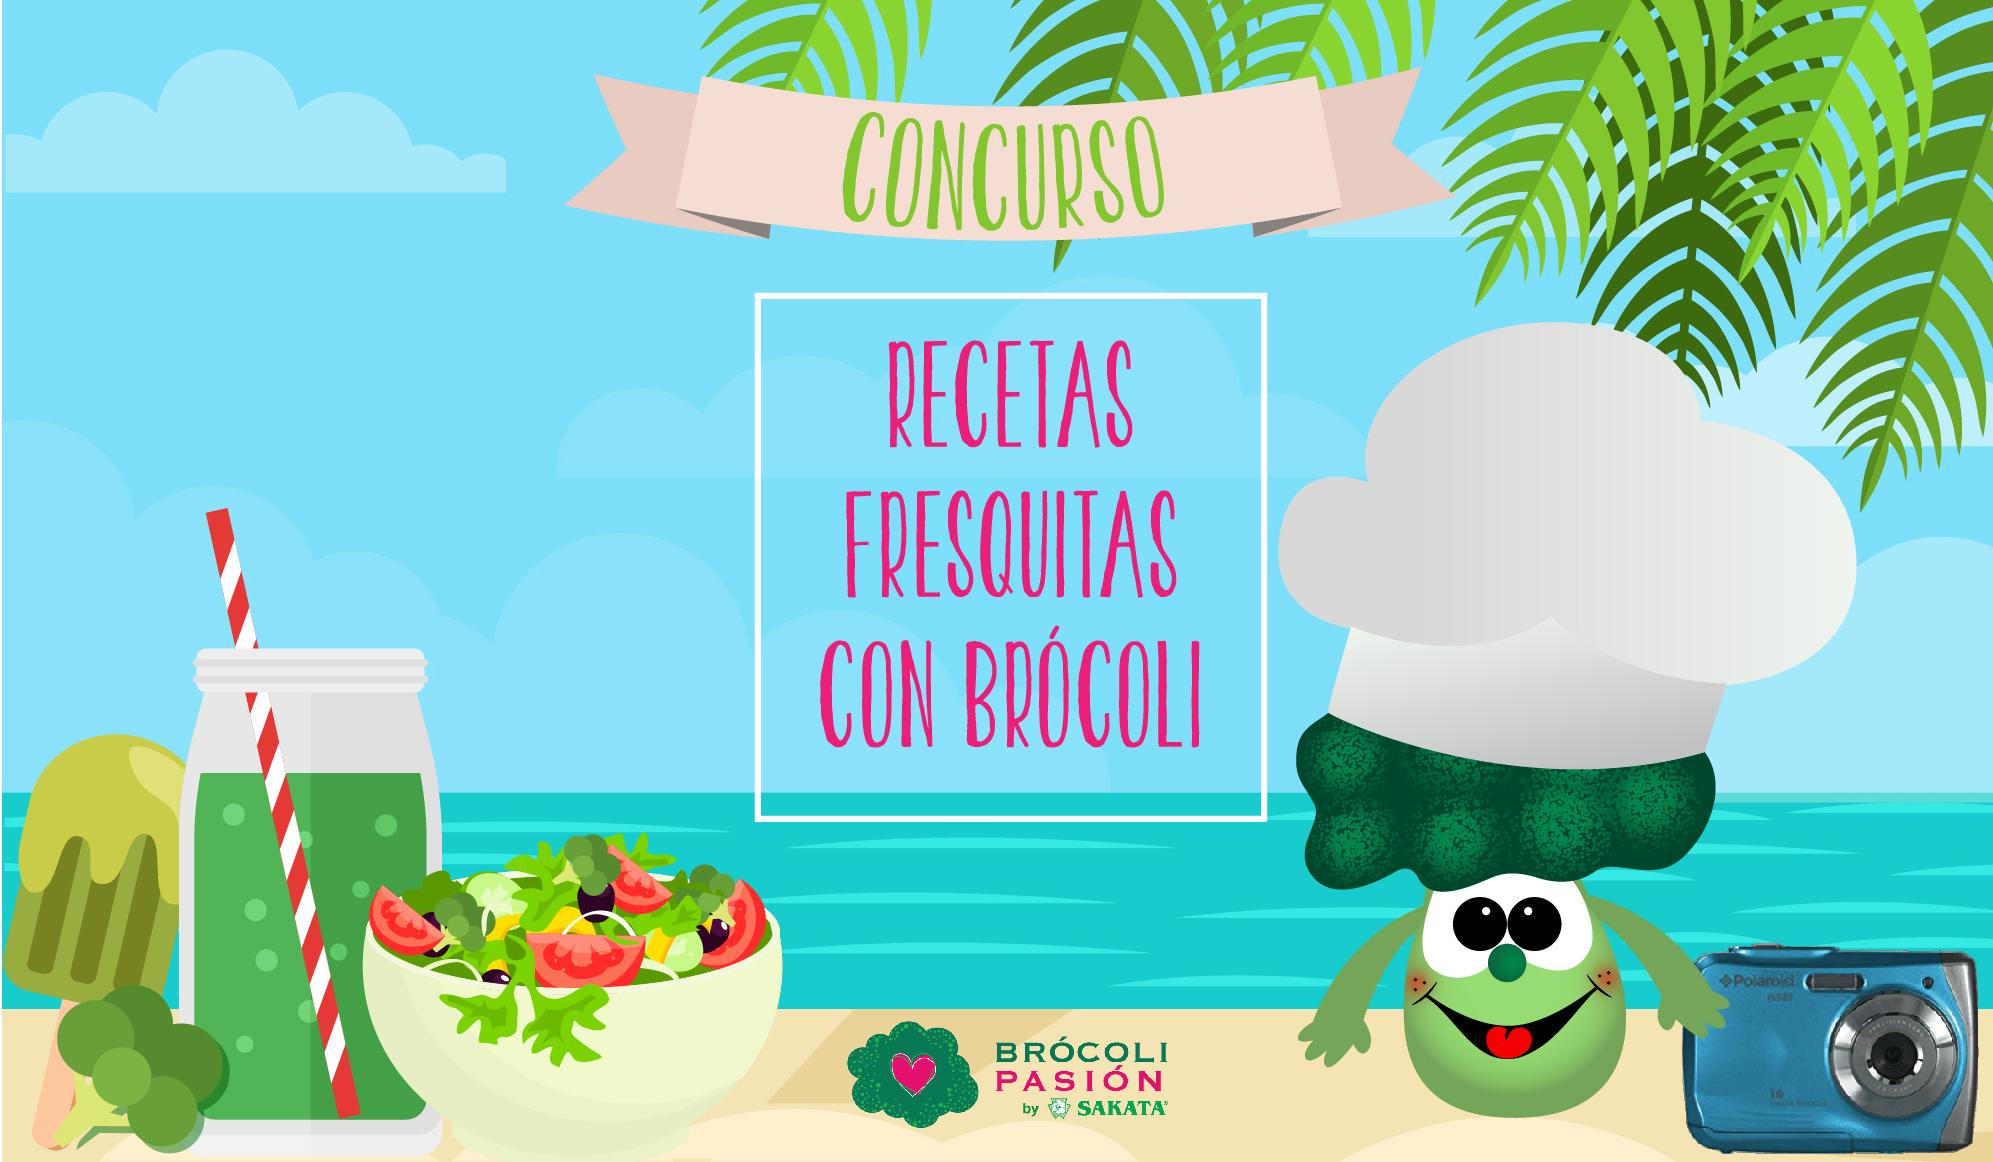 concurso recetas con brocoli